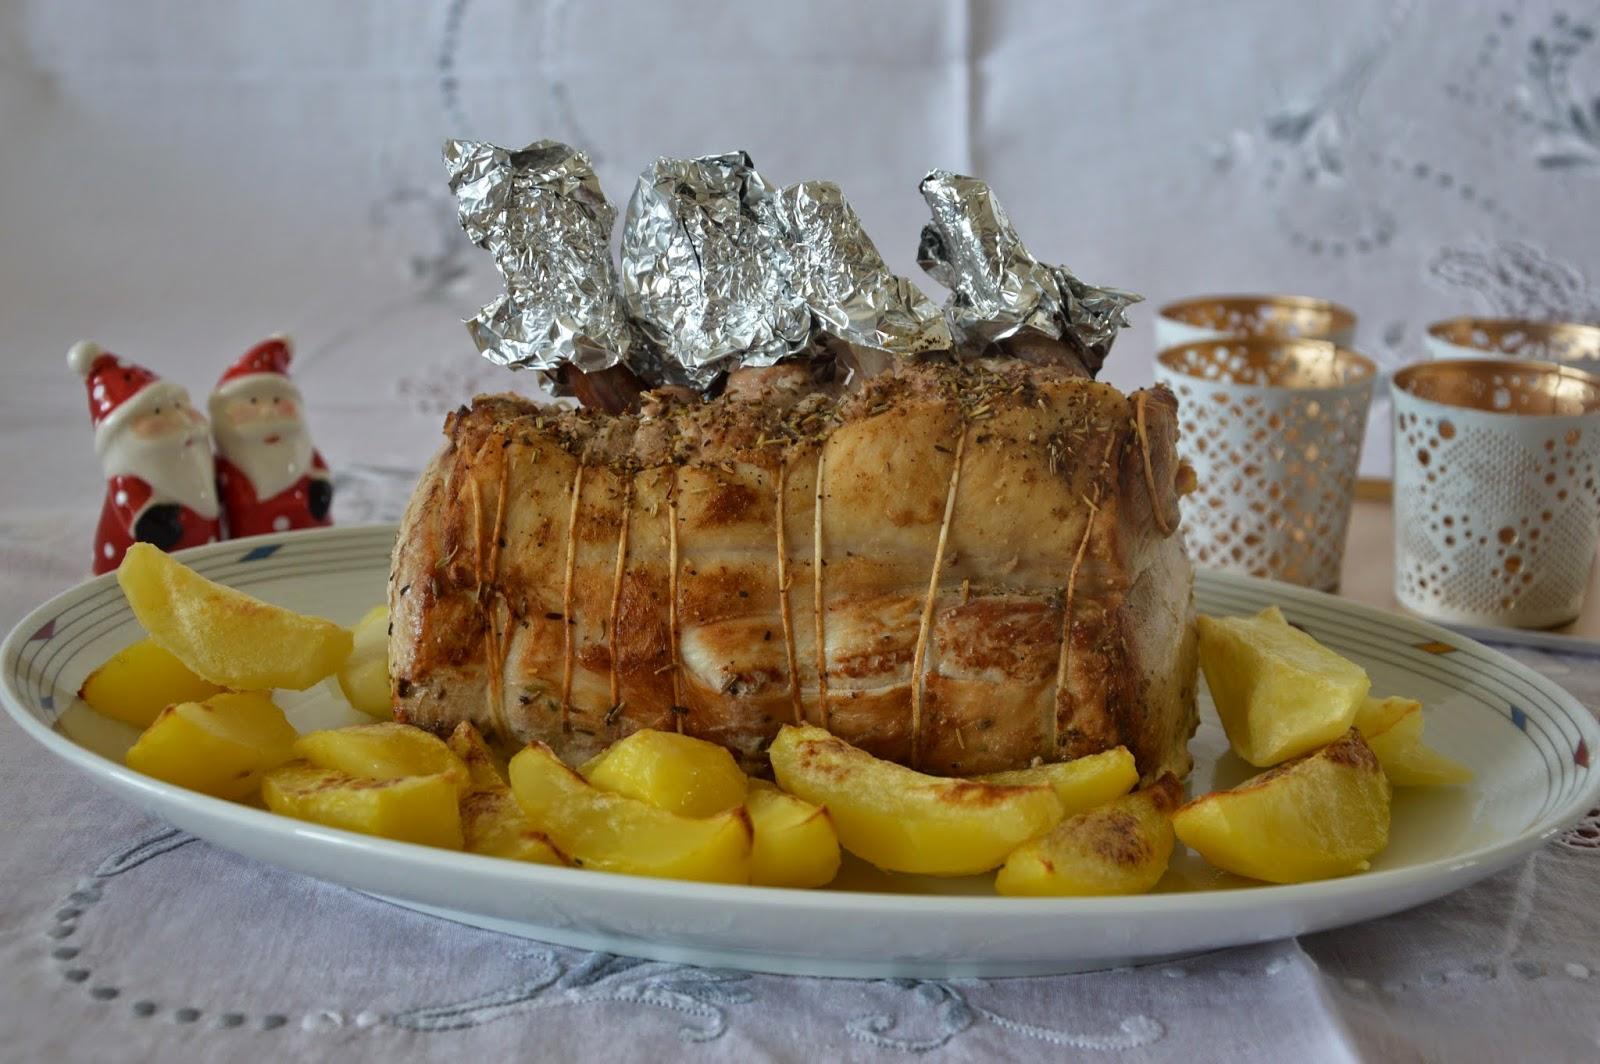 Viaggi arte e cucina arrosto di maiale con contorno di patate for Arrosto maiale